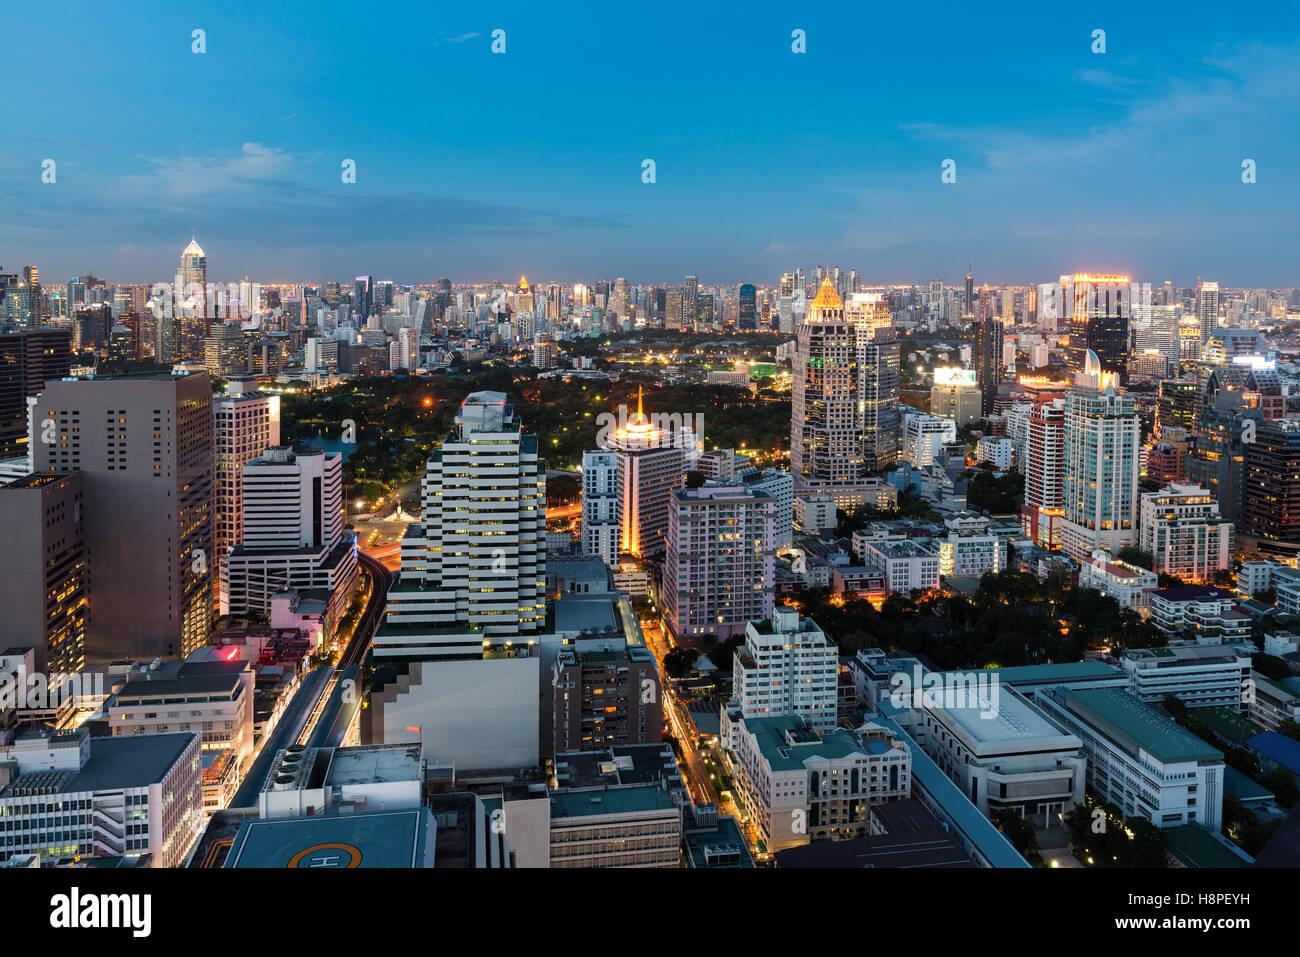 Bangkok vista notturna con grattacielo nel quartiere degli affari di Bangkok in Thailandia. Immagini Stock